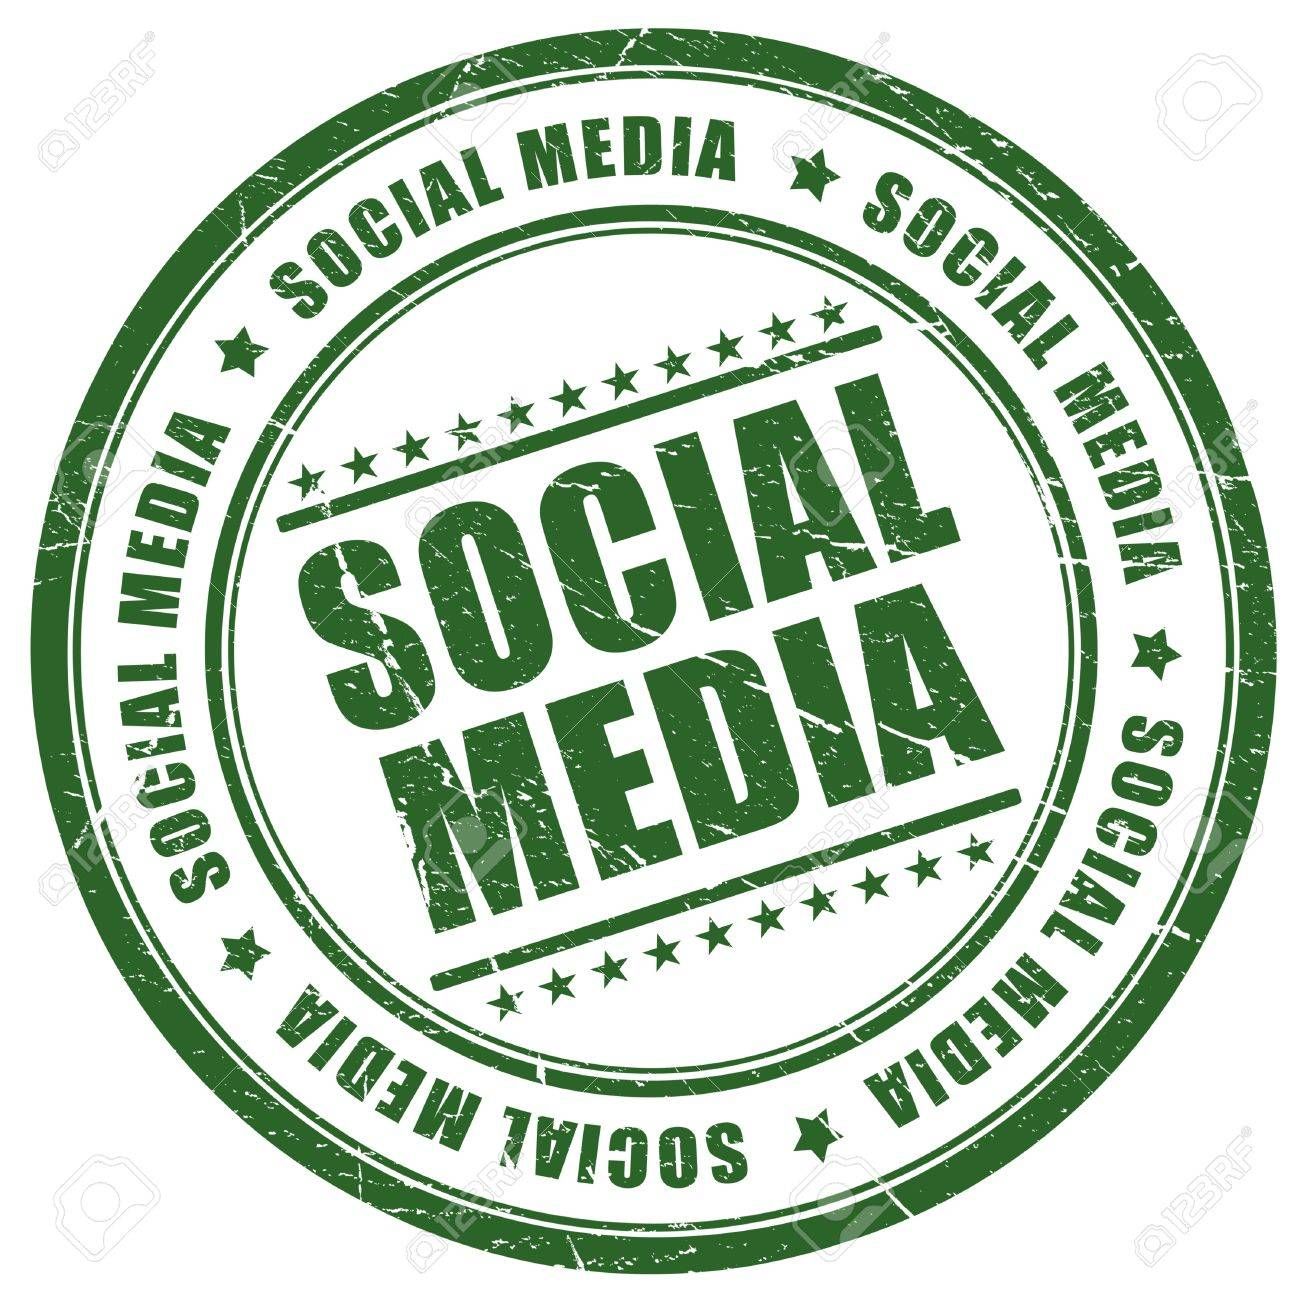 Social media stamp Stock Photo - 8885328